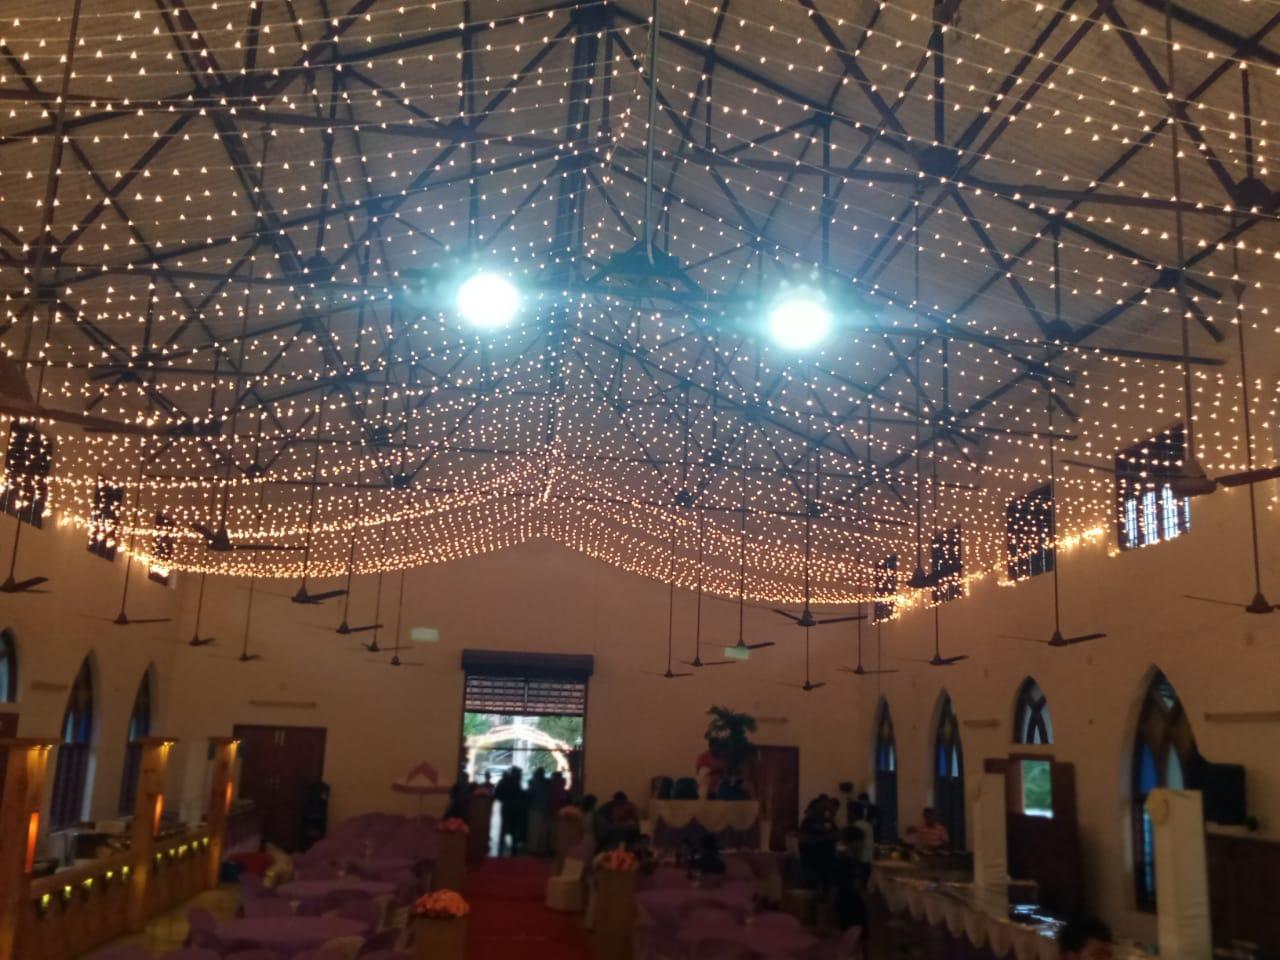 hall celing light decoration works 8943906399